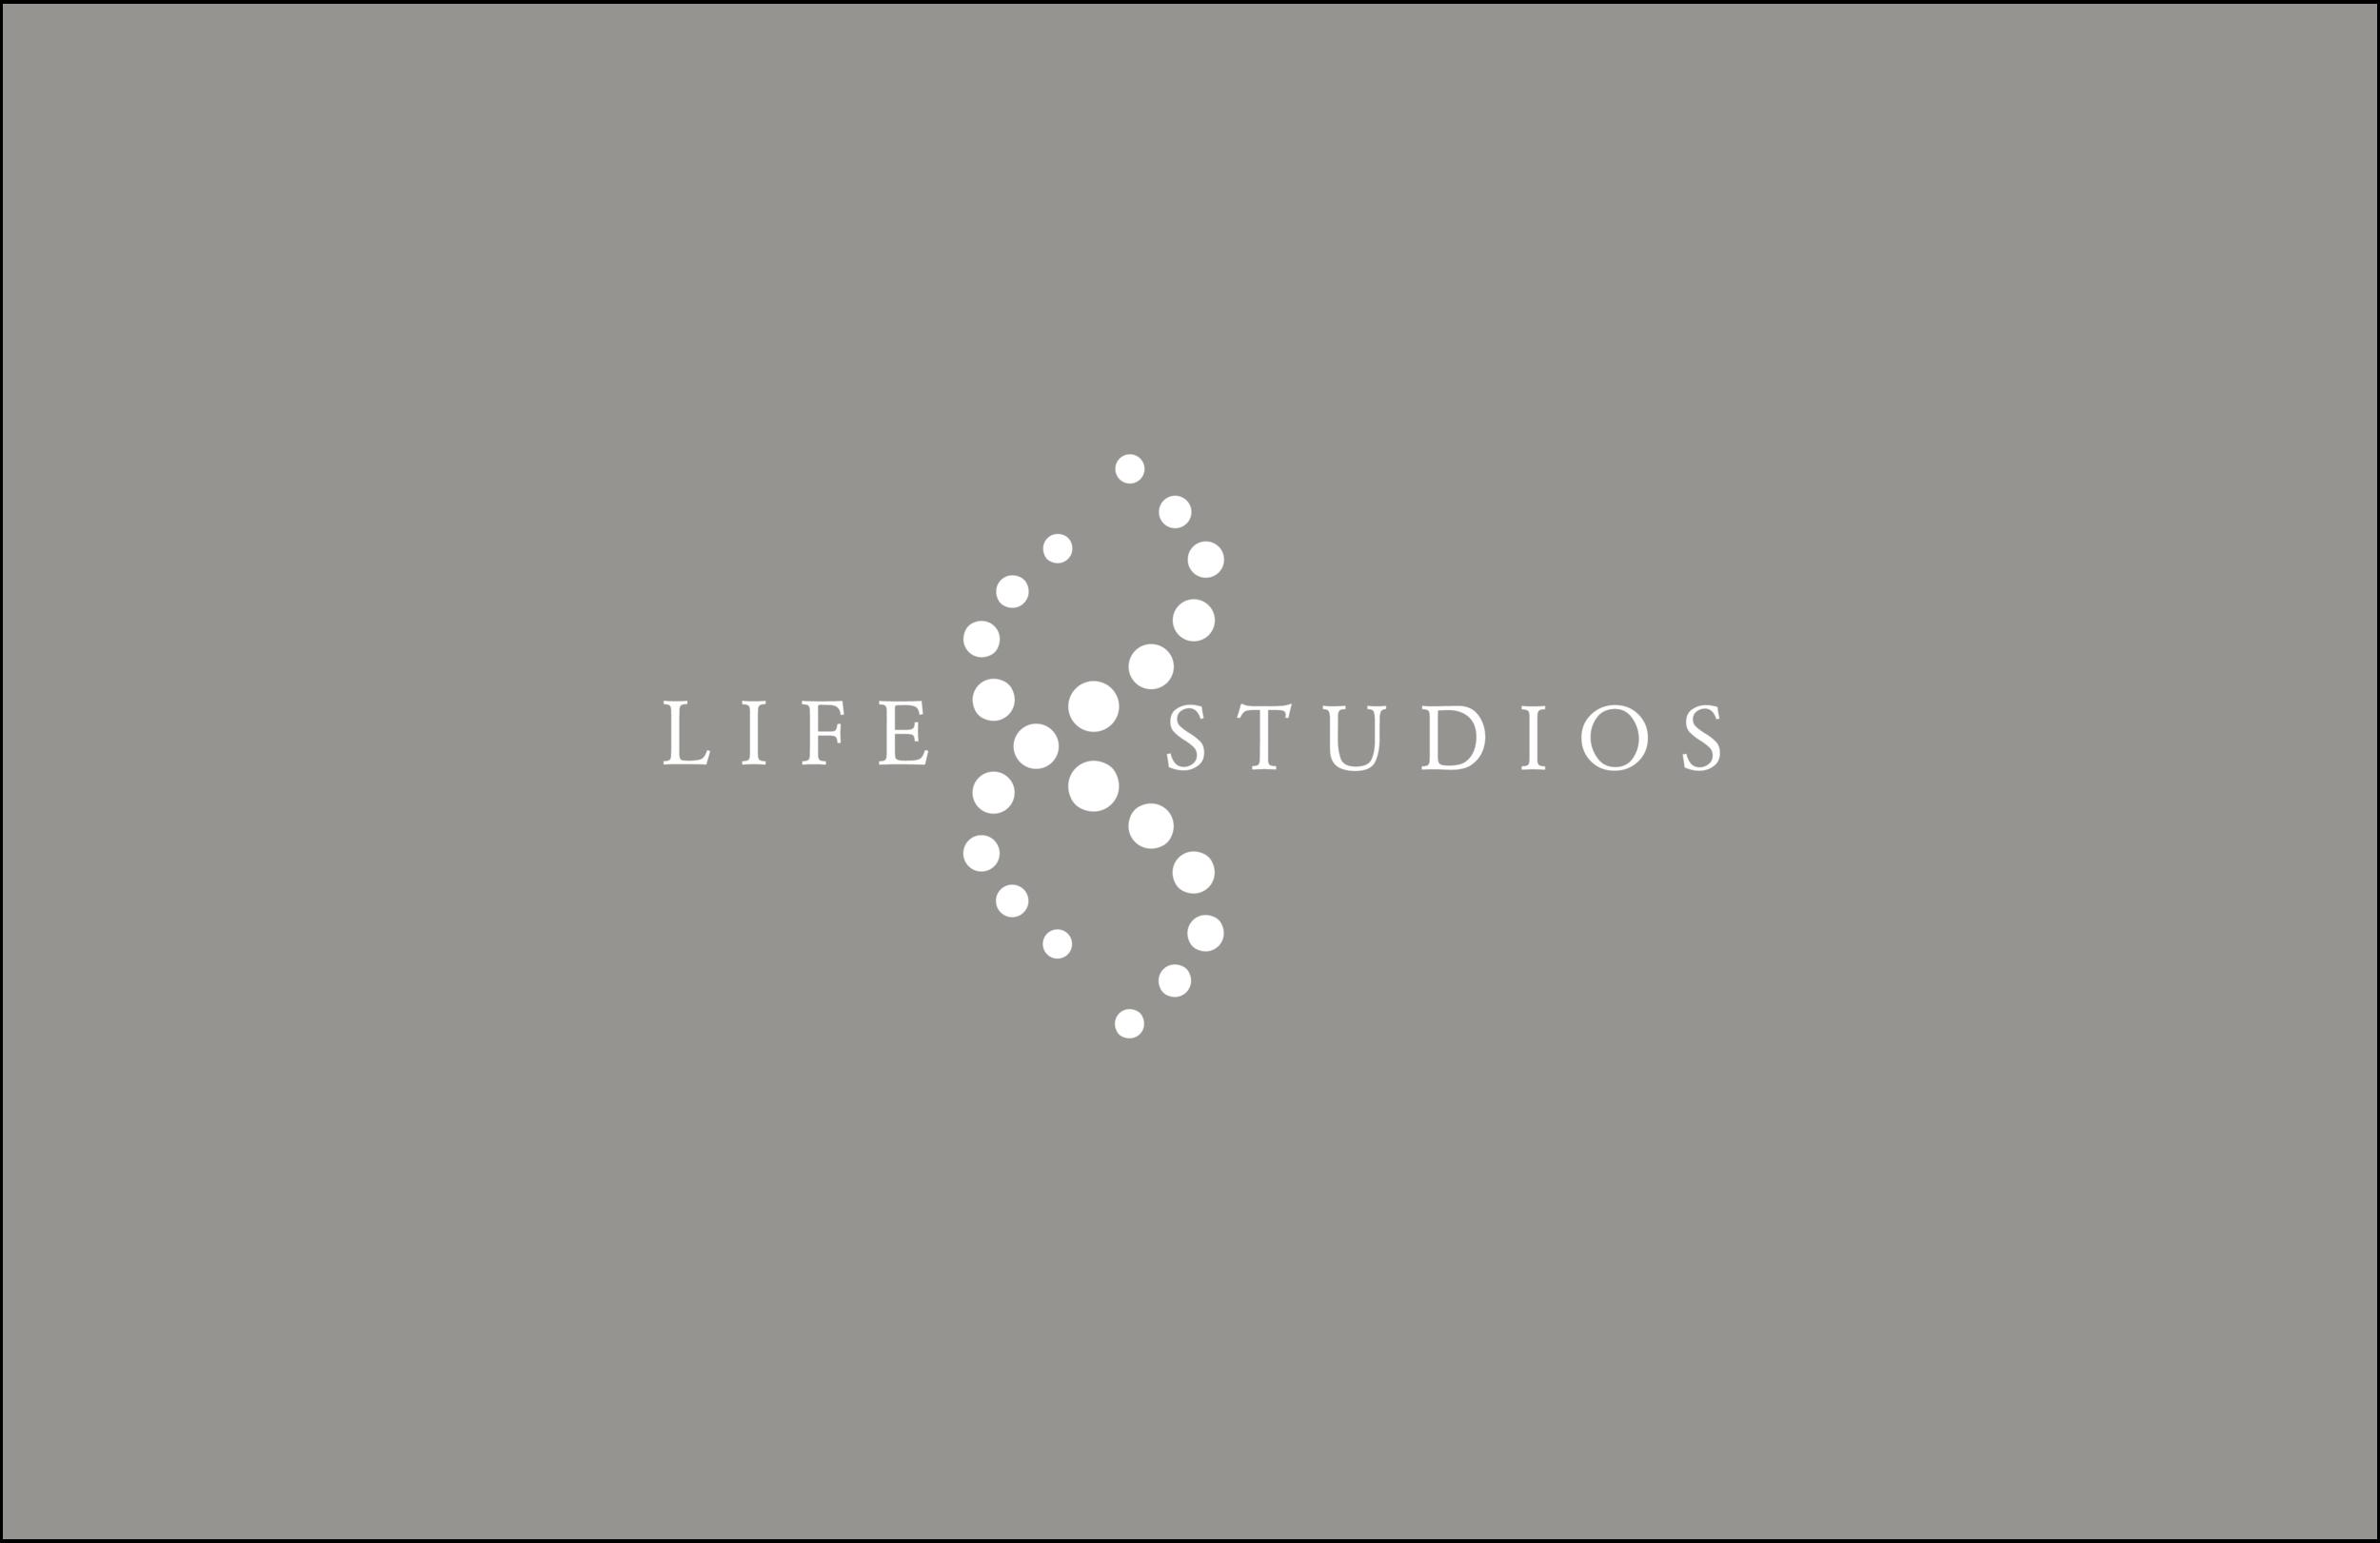 lifestudios-portfolio-template.png